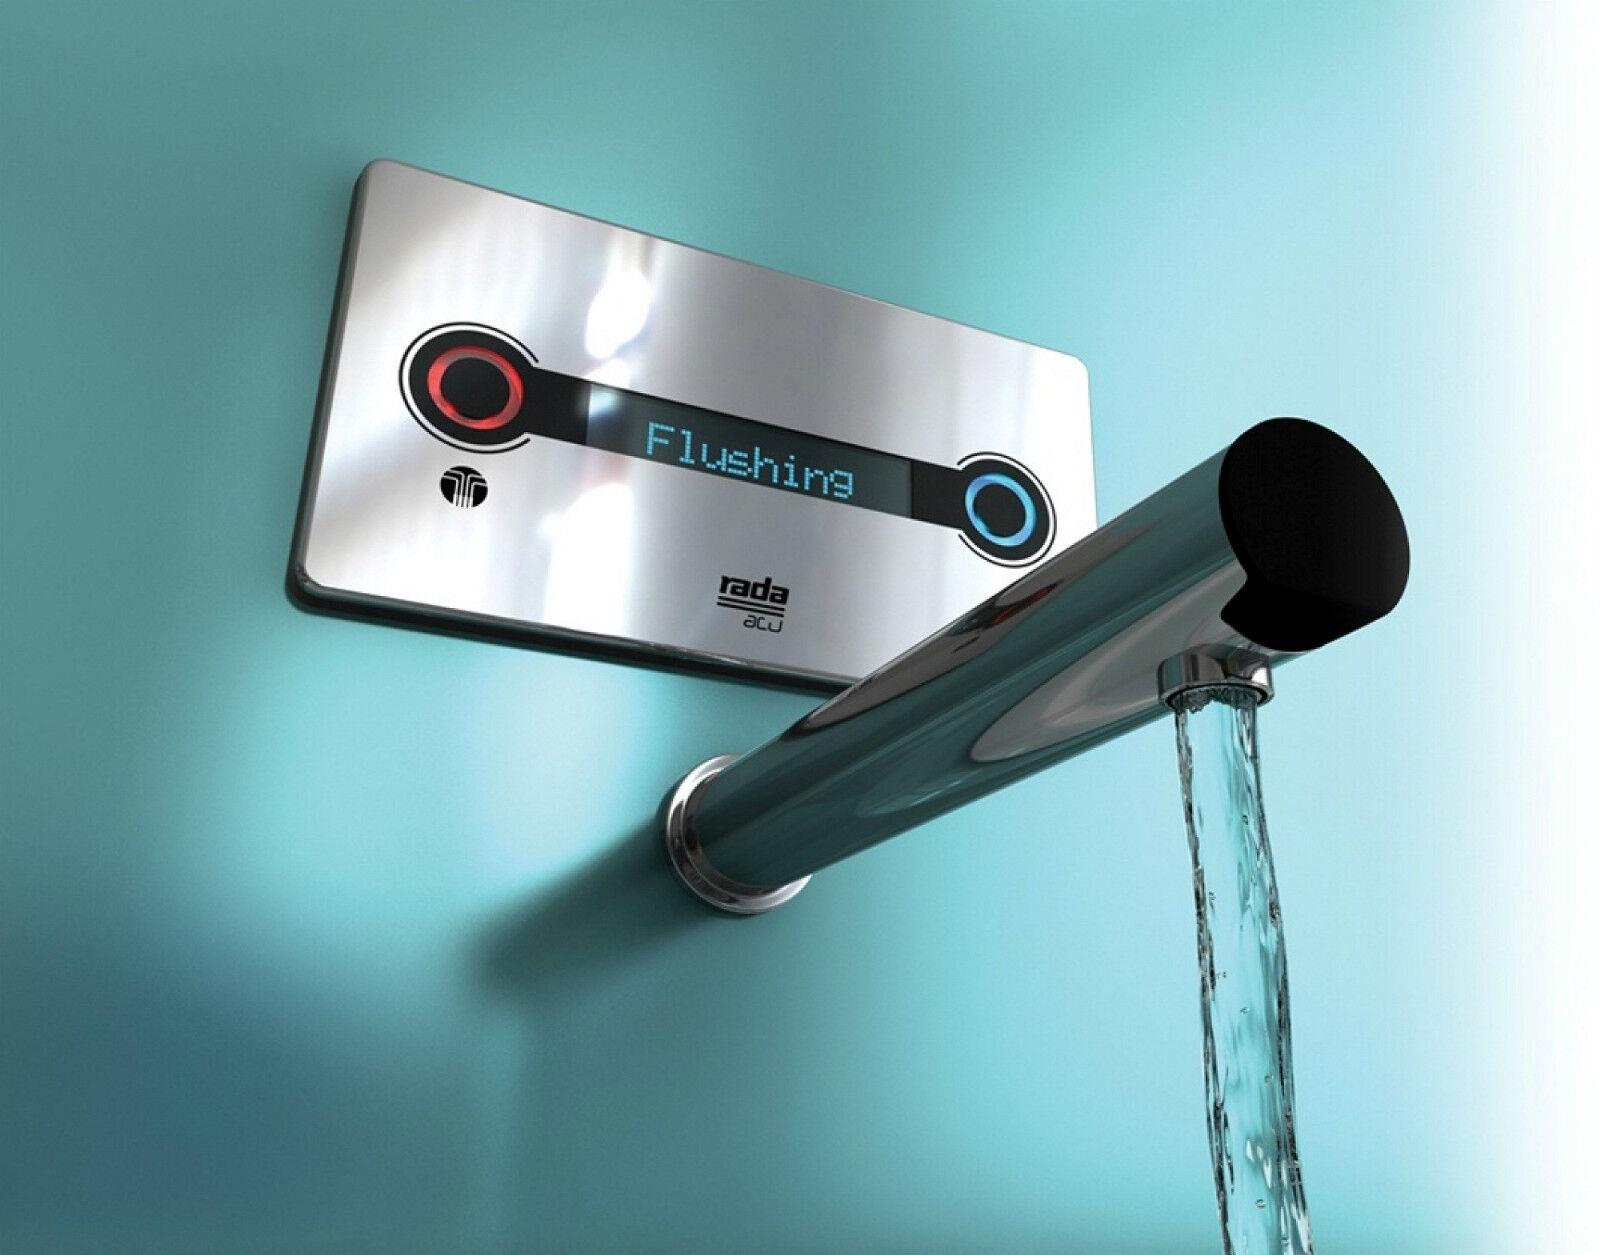 Rada acu-t3 DMV commande numérique et affichage mitigeur thermostatique robinet, bec 225 mm